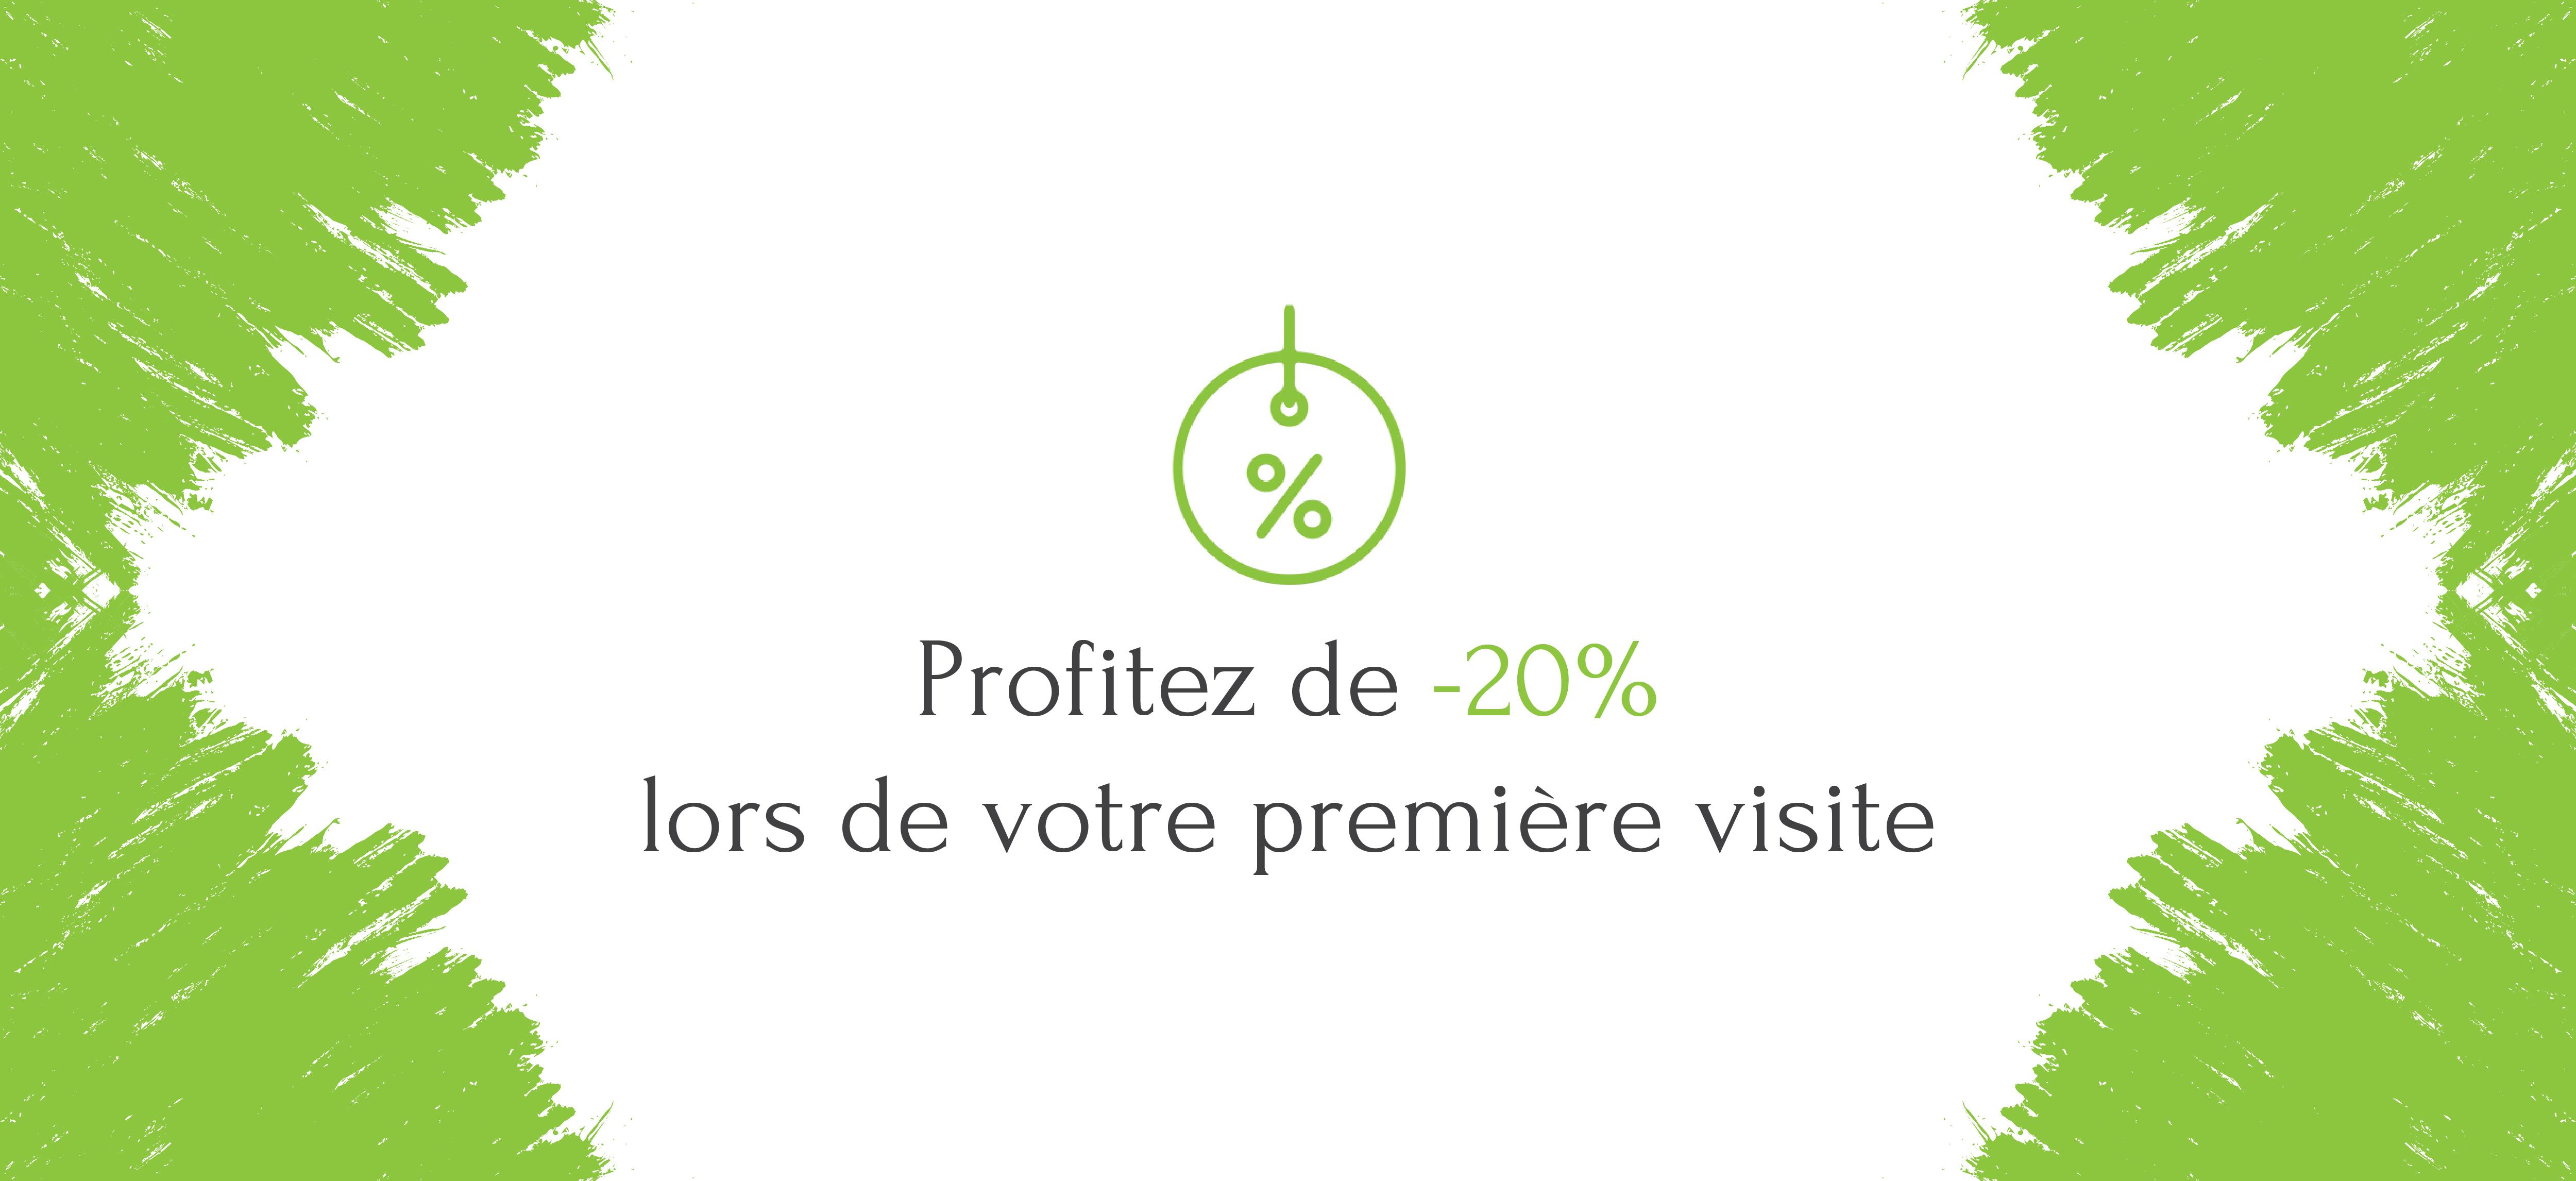 promotion solde coupon pressing laverie vie facile livraison pressing laverie the laundry day pressing écologique tanger maroc